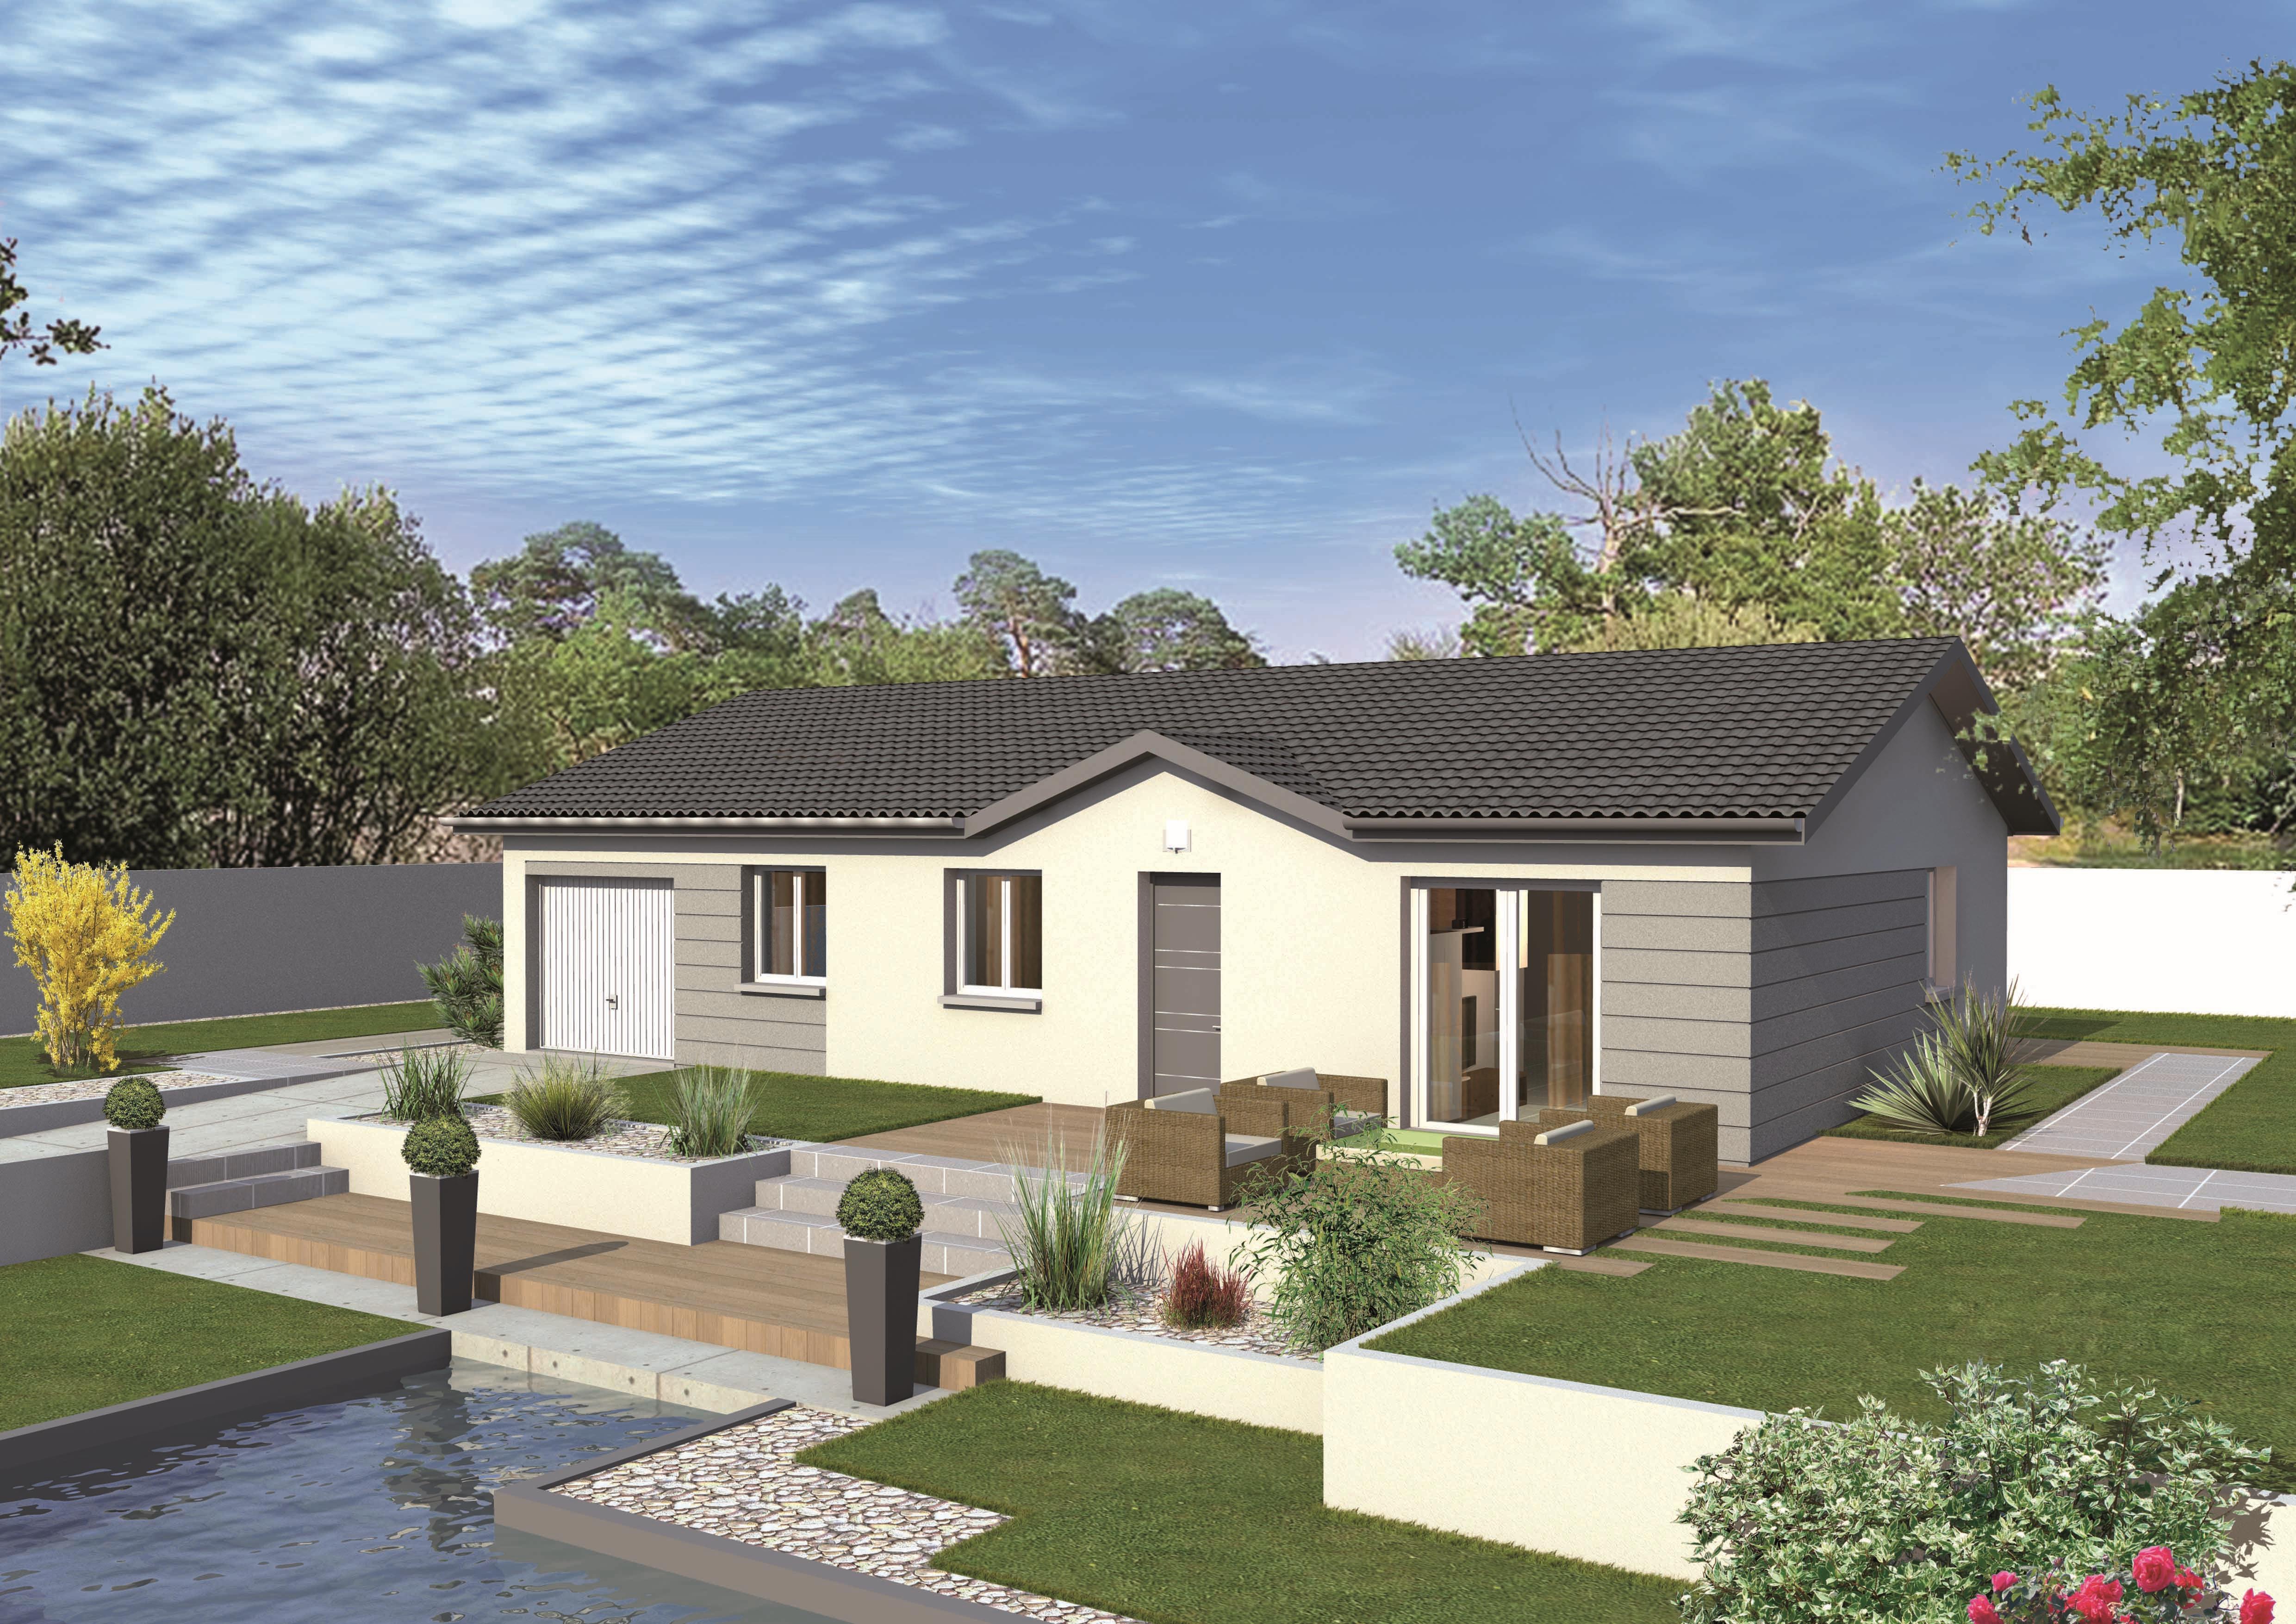 Maisons + Terrains du constructeur MAISONS PUNCH BOURGOIN • 78 m² • CHAMPIER